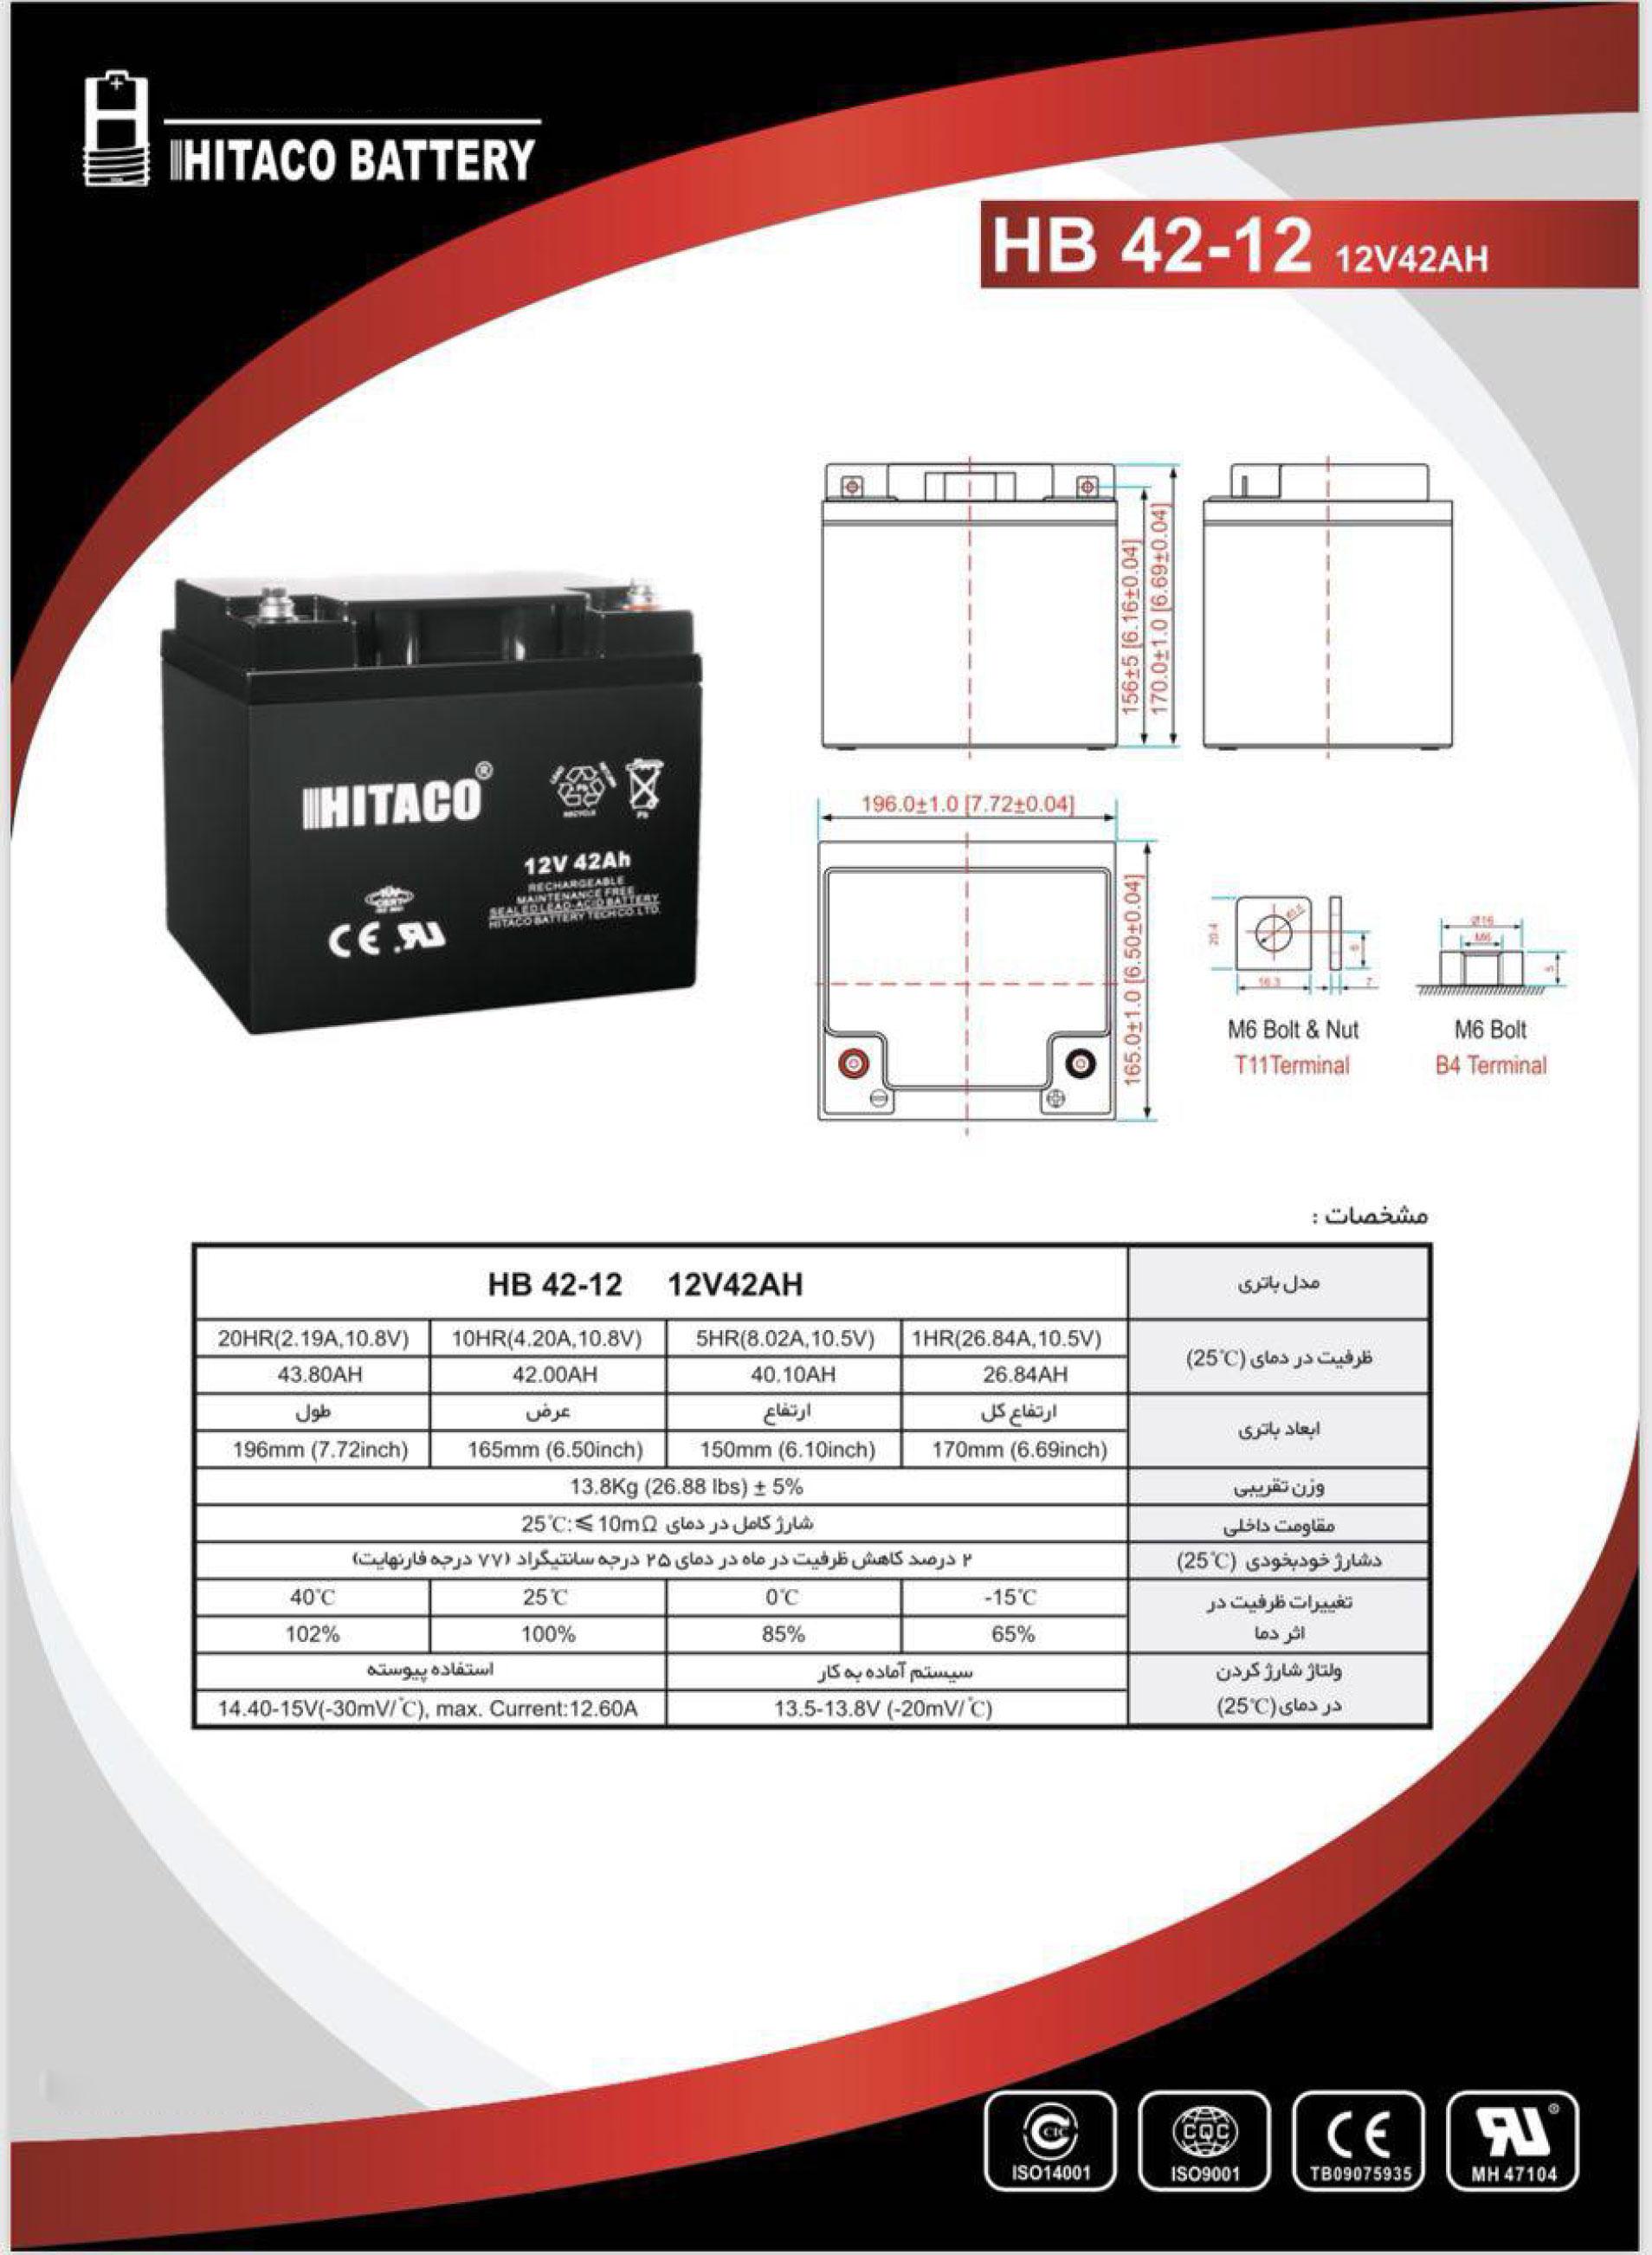 باتری هیتاکو ۱۲ ولت ۴۲ آمپر